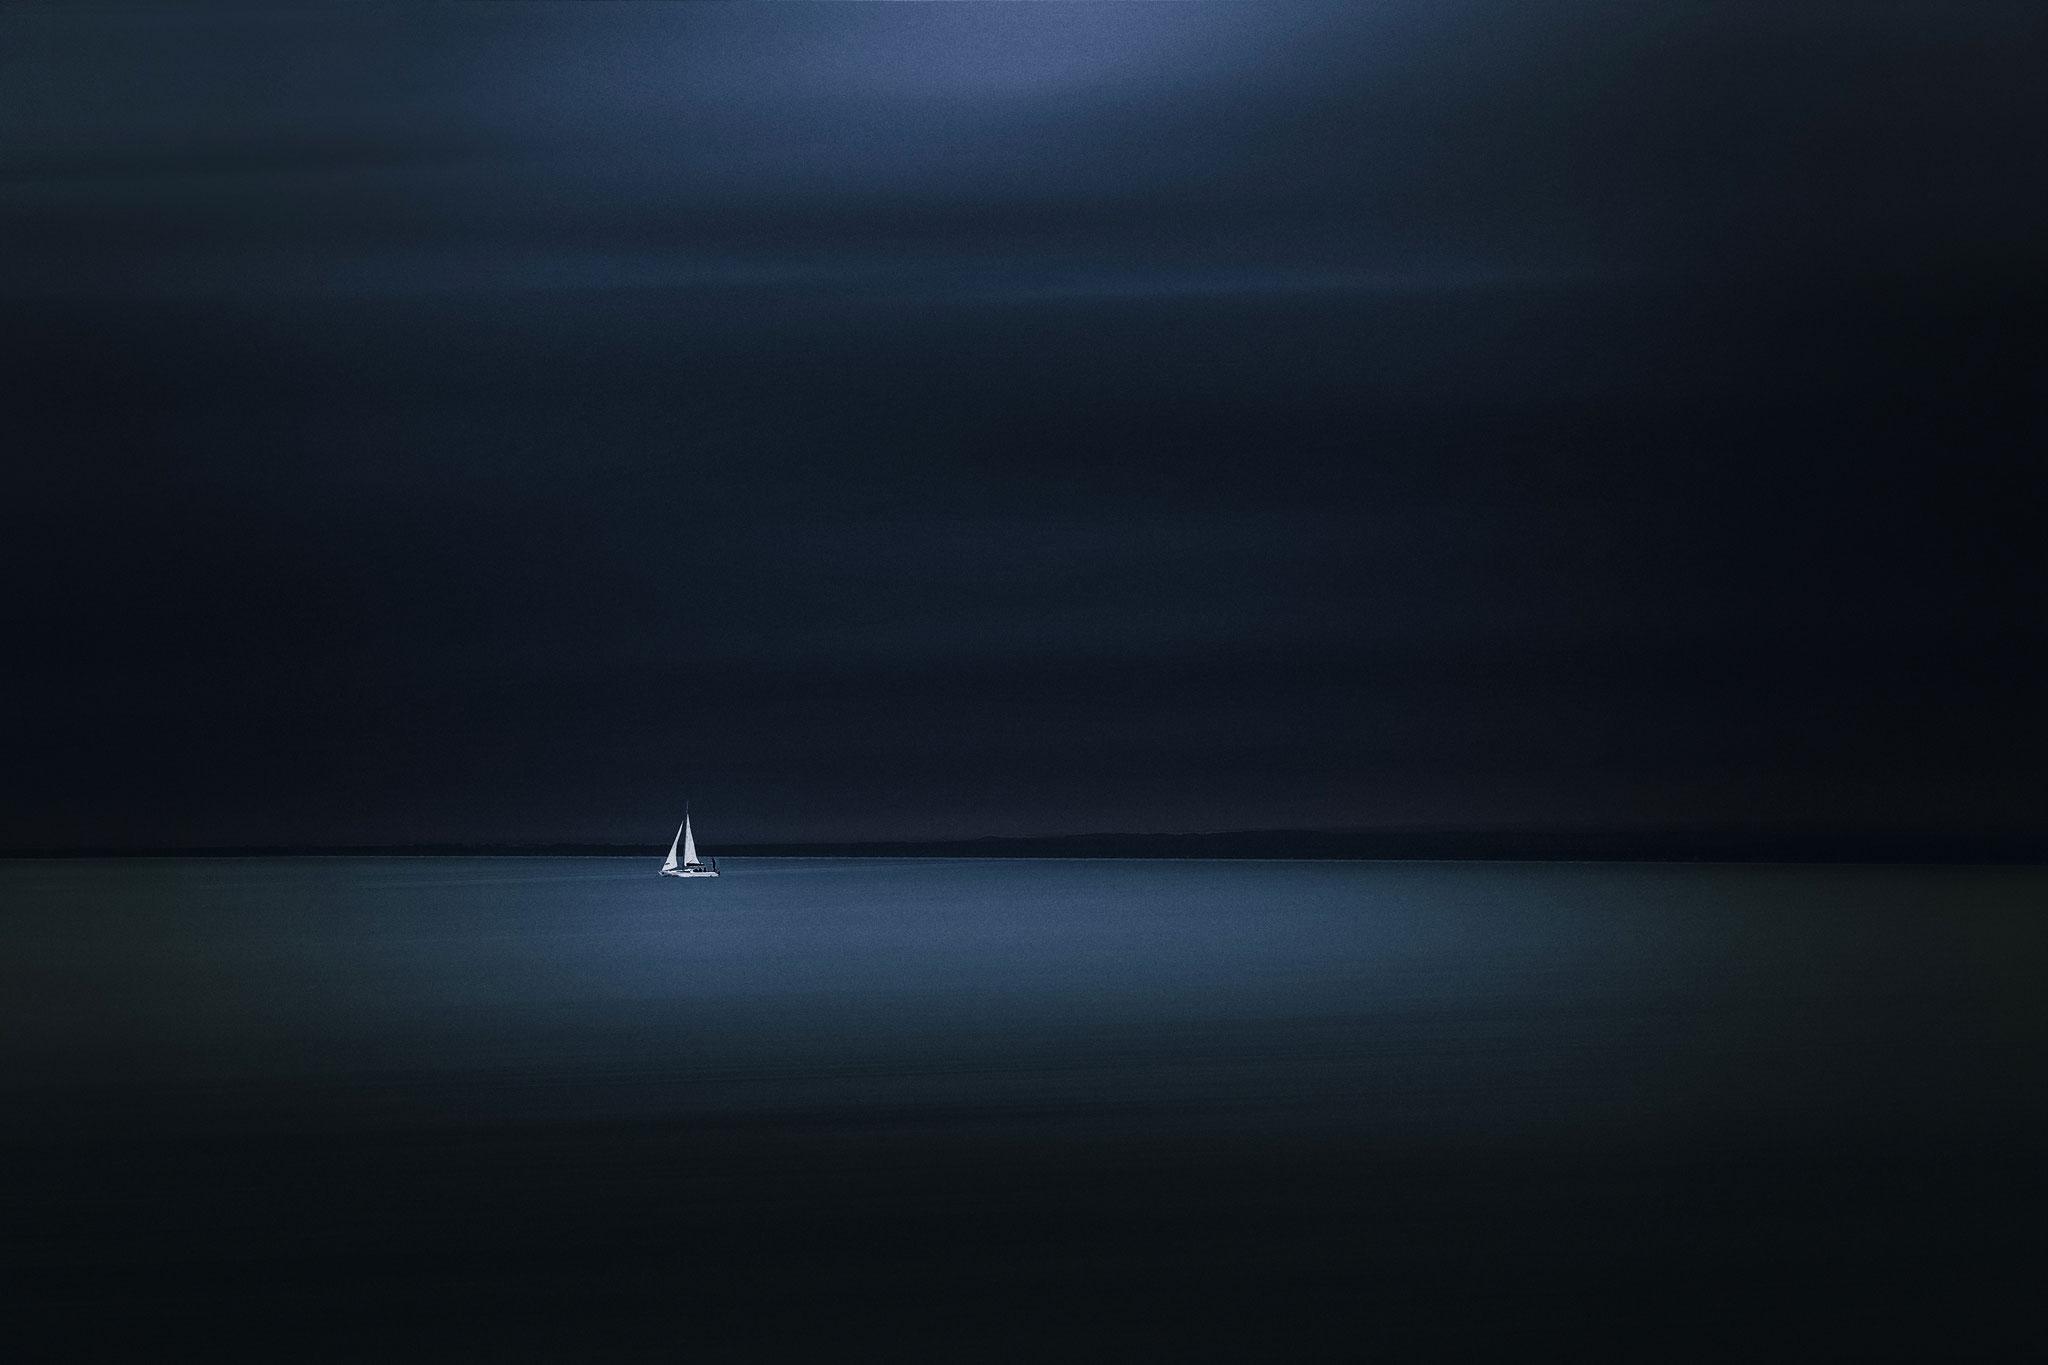 Schaffer András EFIAP (Hungary) - Sailing away